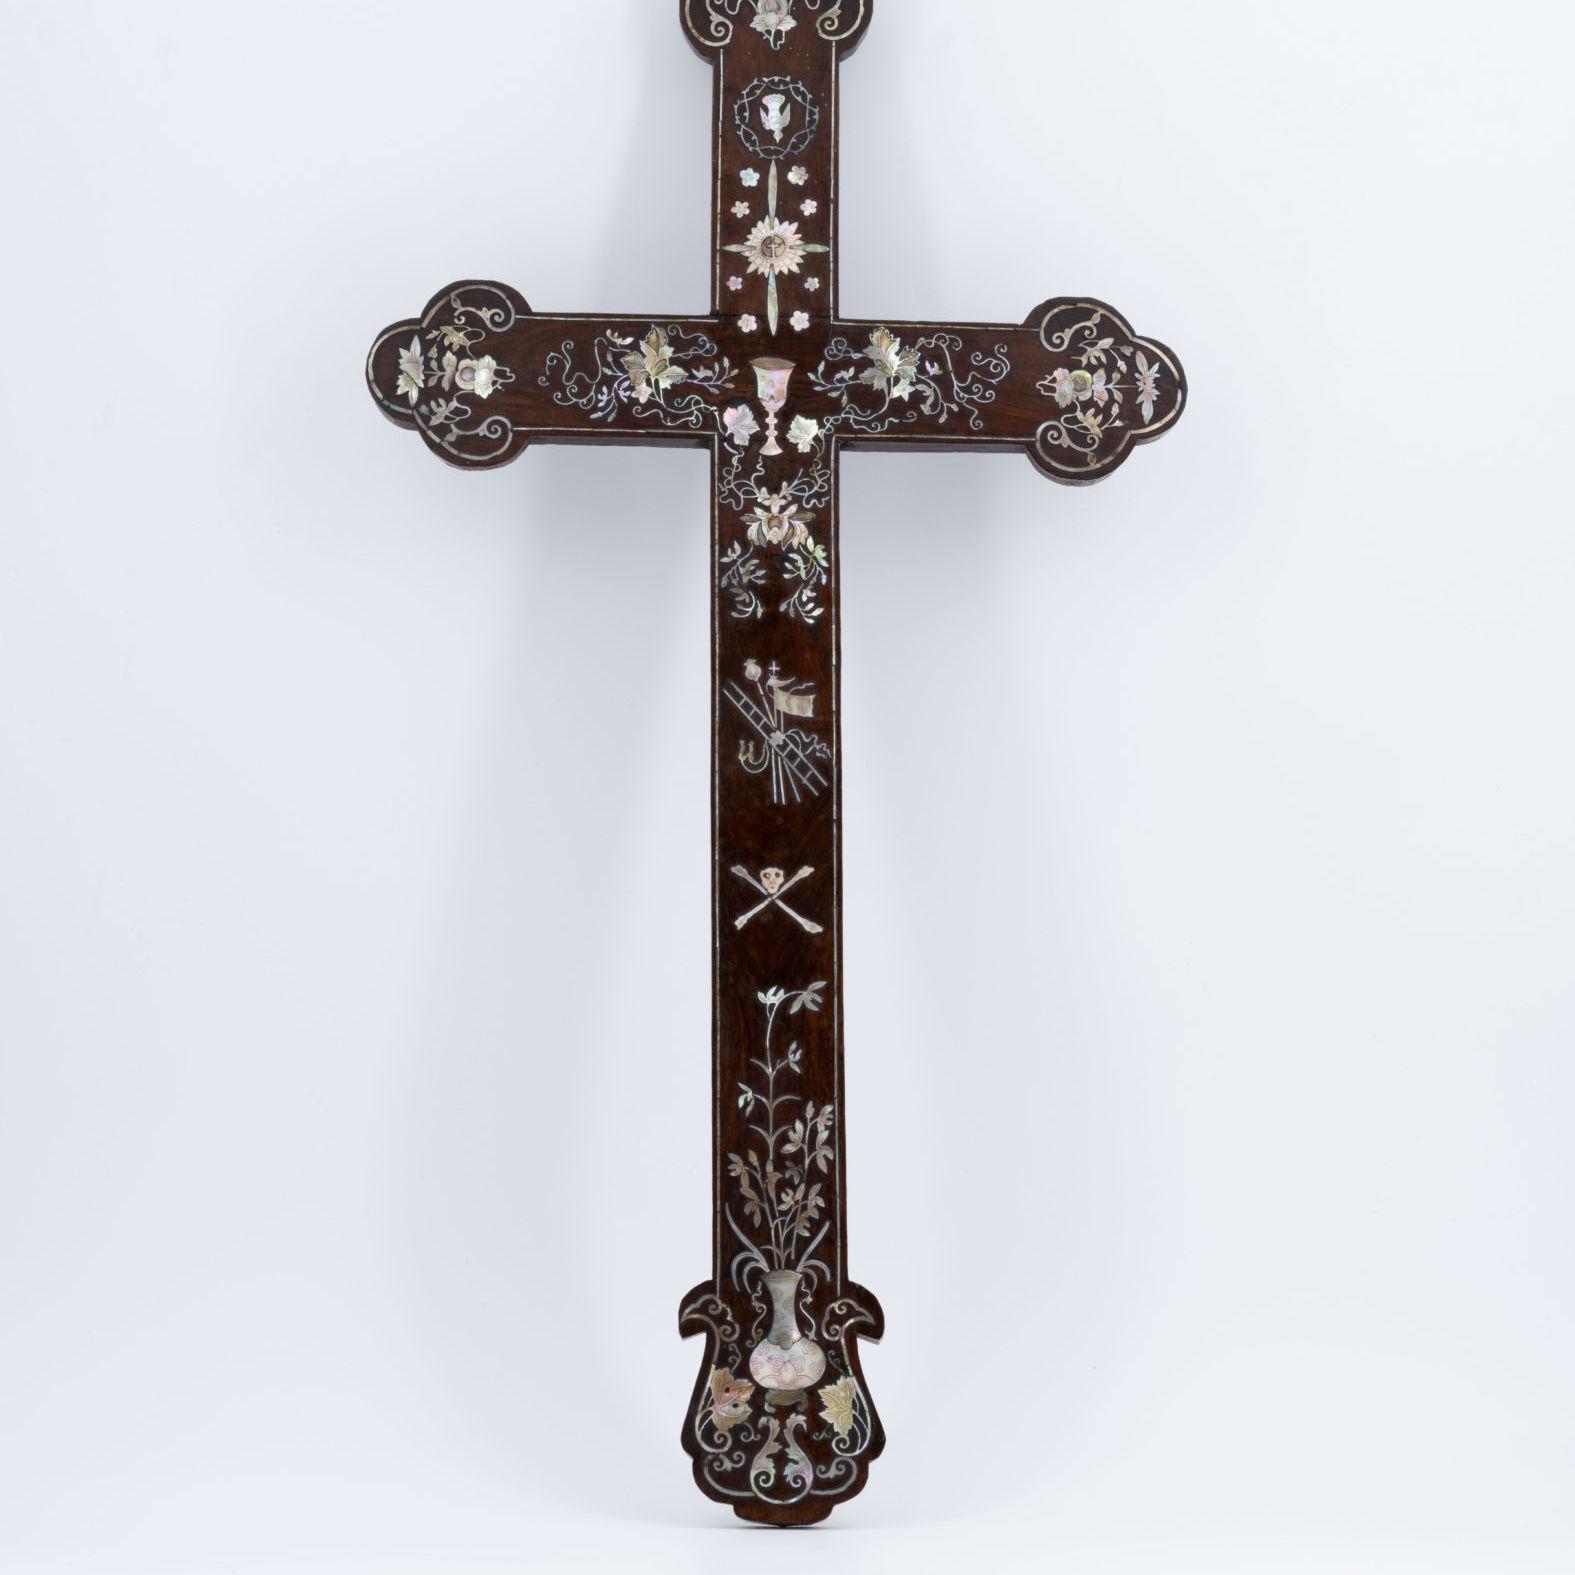 Croix indochinoise en bois et nacre, XIXe siècle.